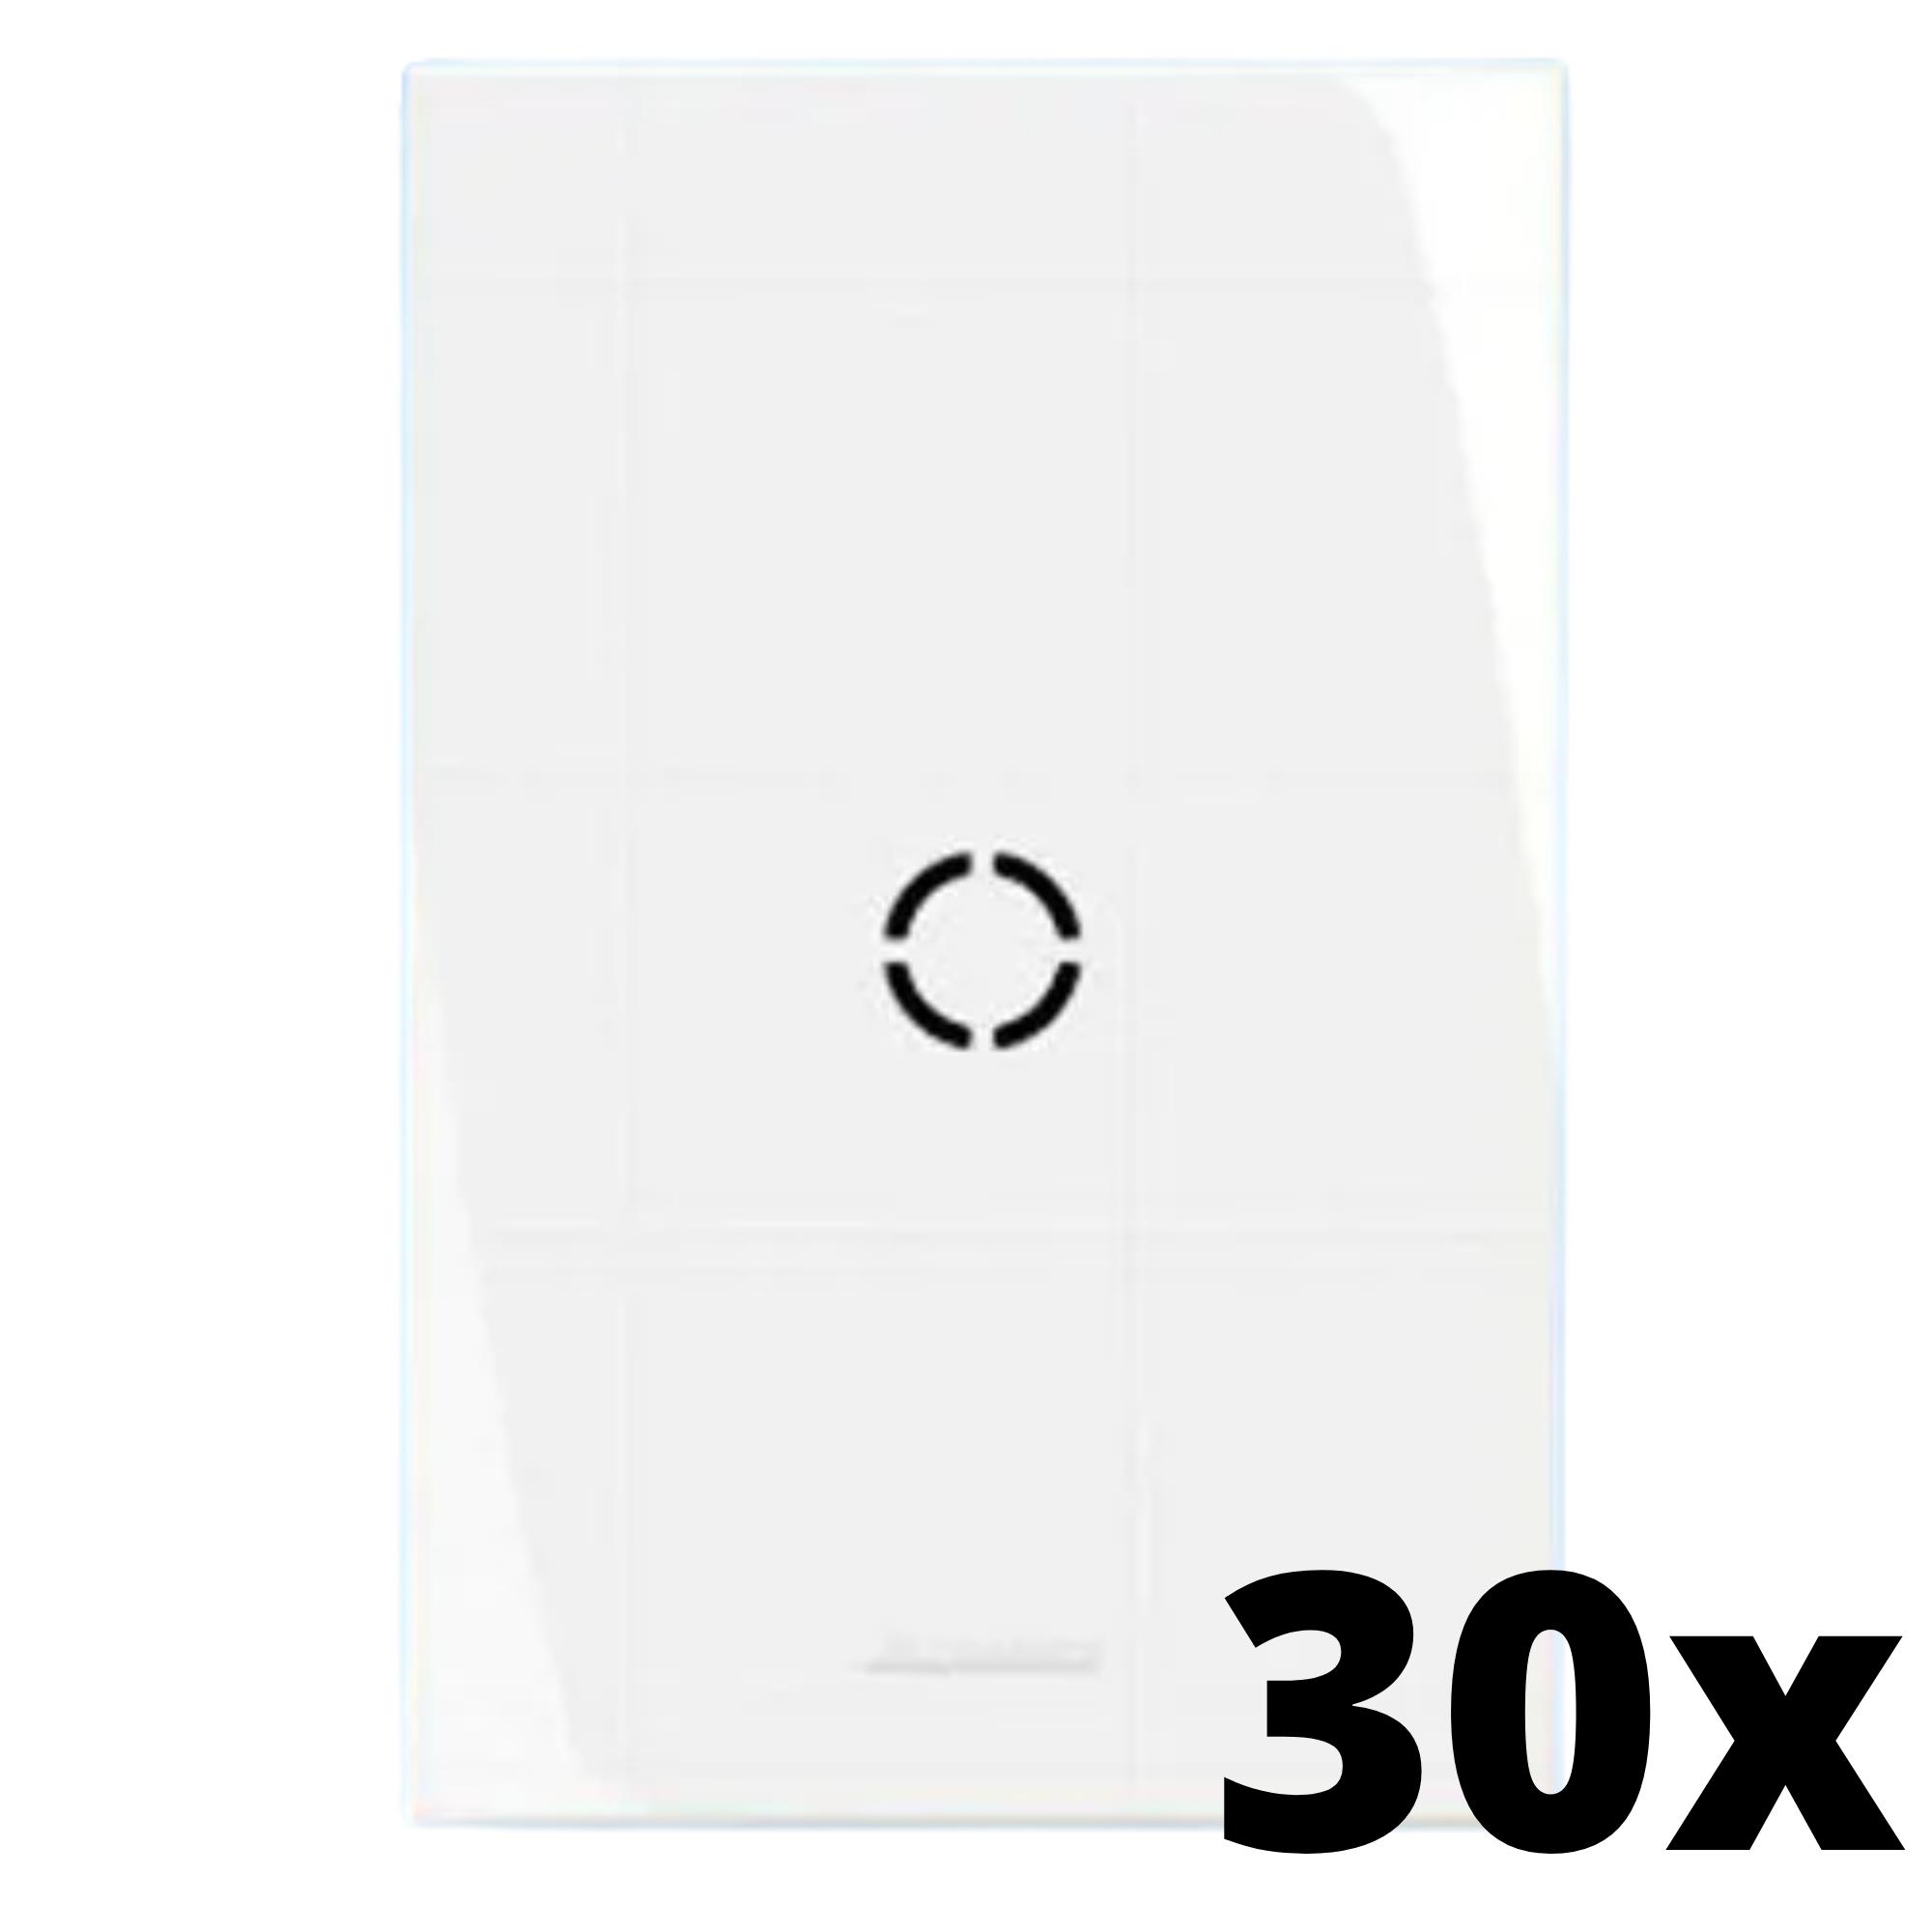 Kit 30 und Inova Pró Placa 4x2 Com Furo